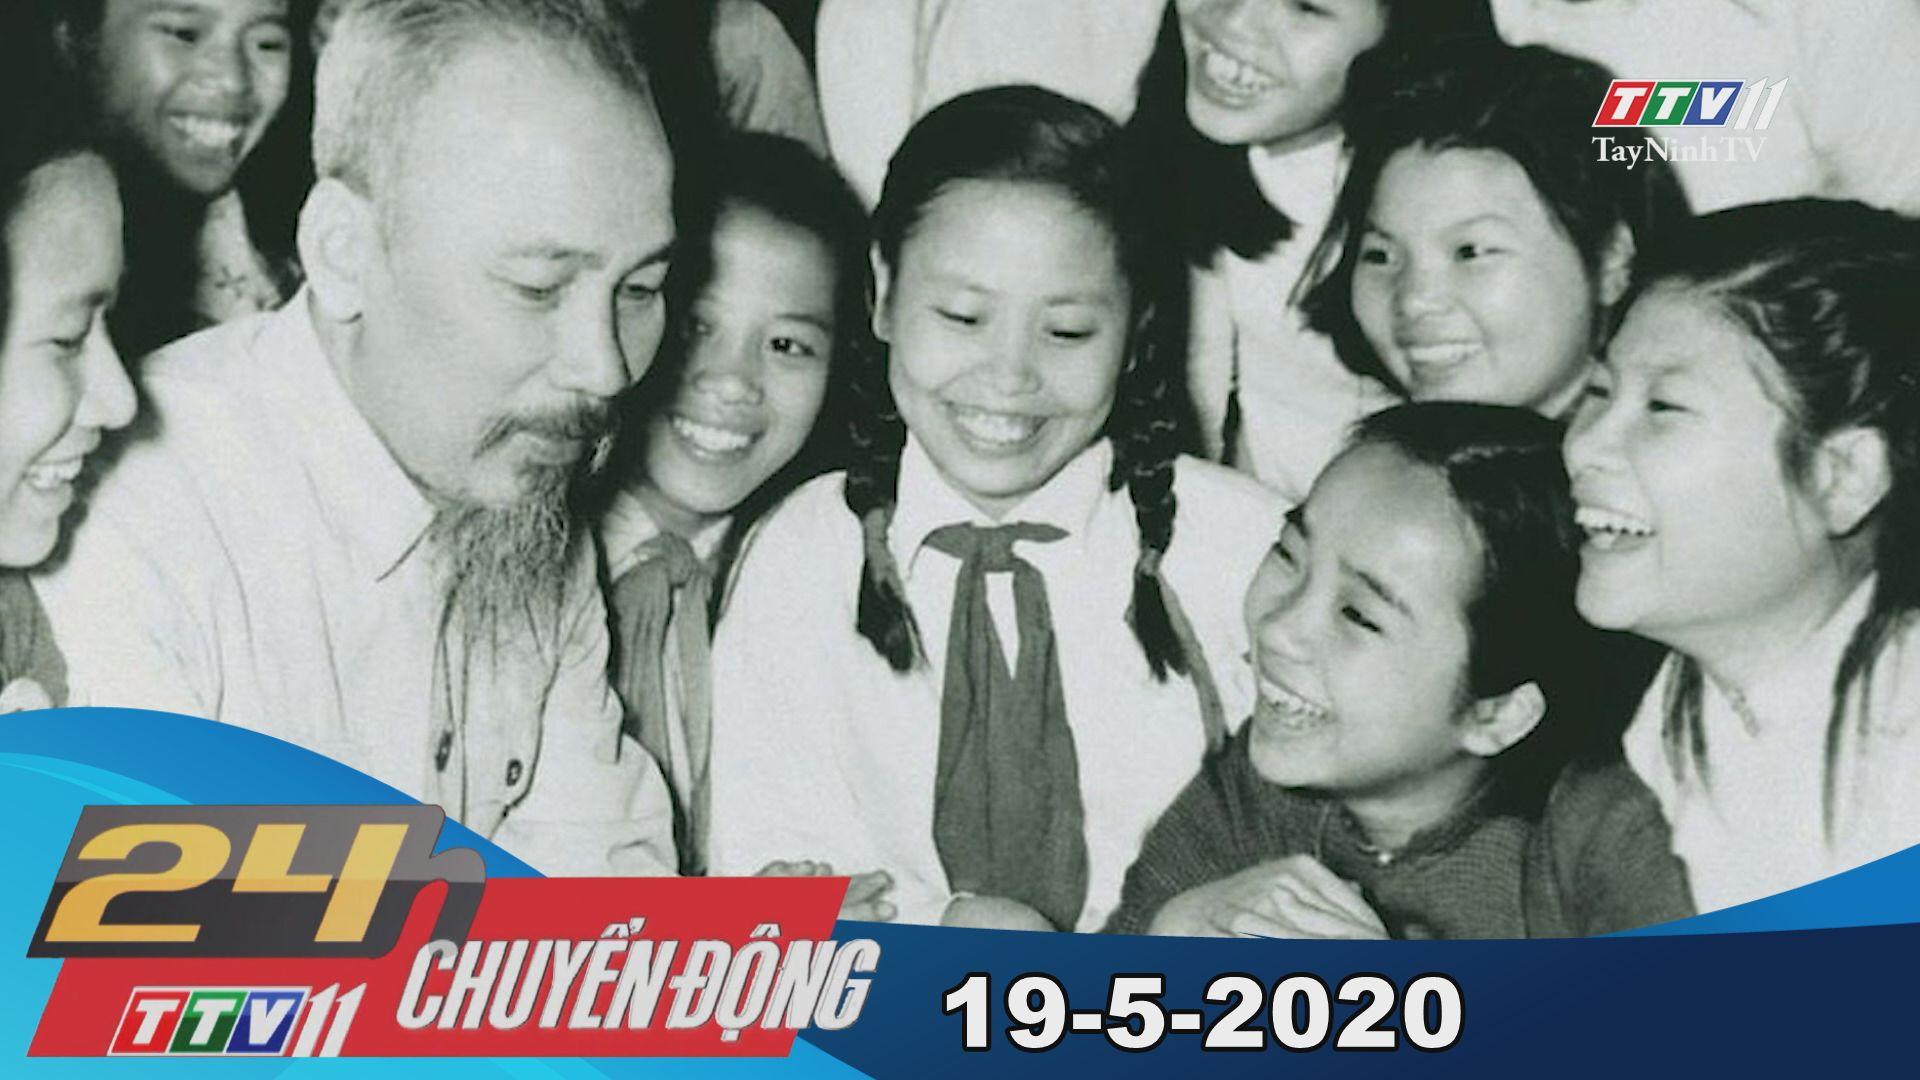 24h Chuyển động 19-5-2020 | Tin tức hôm nay | TayNinhTV